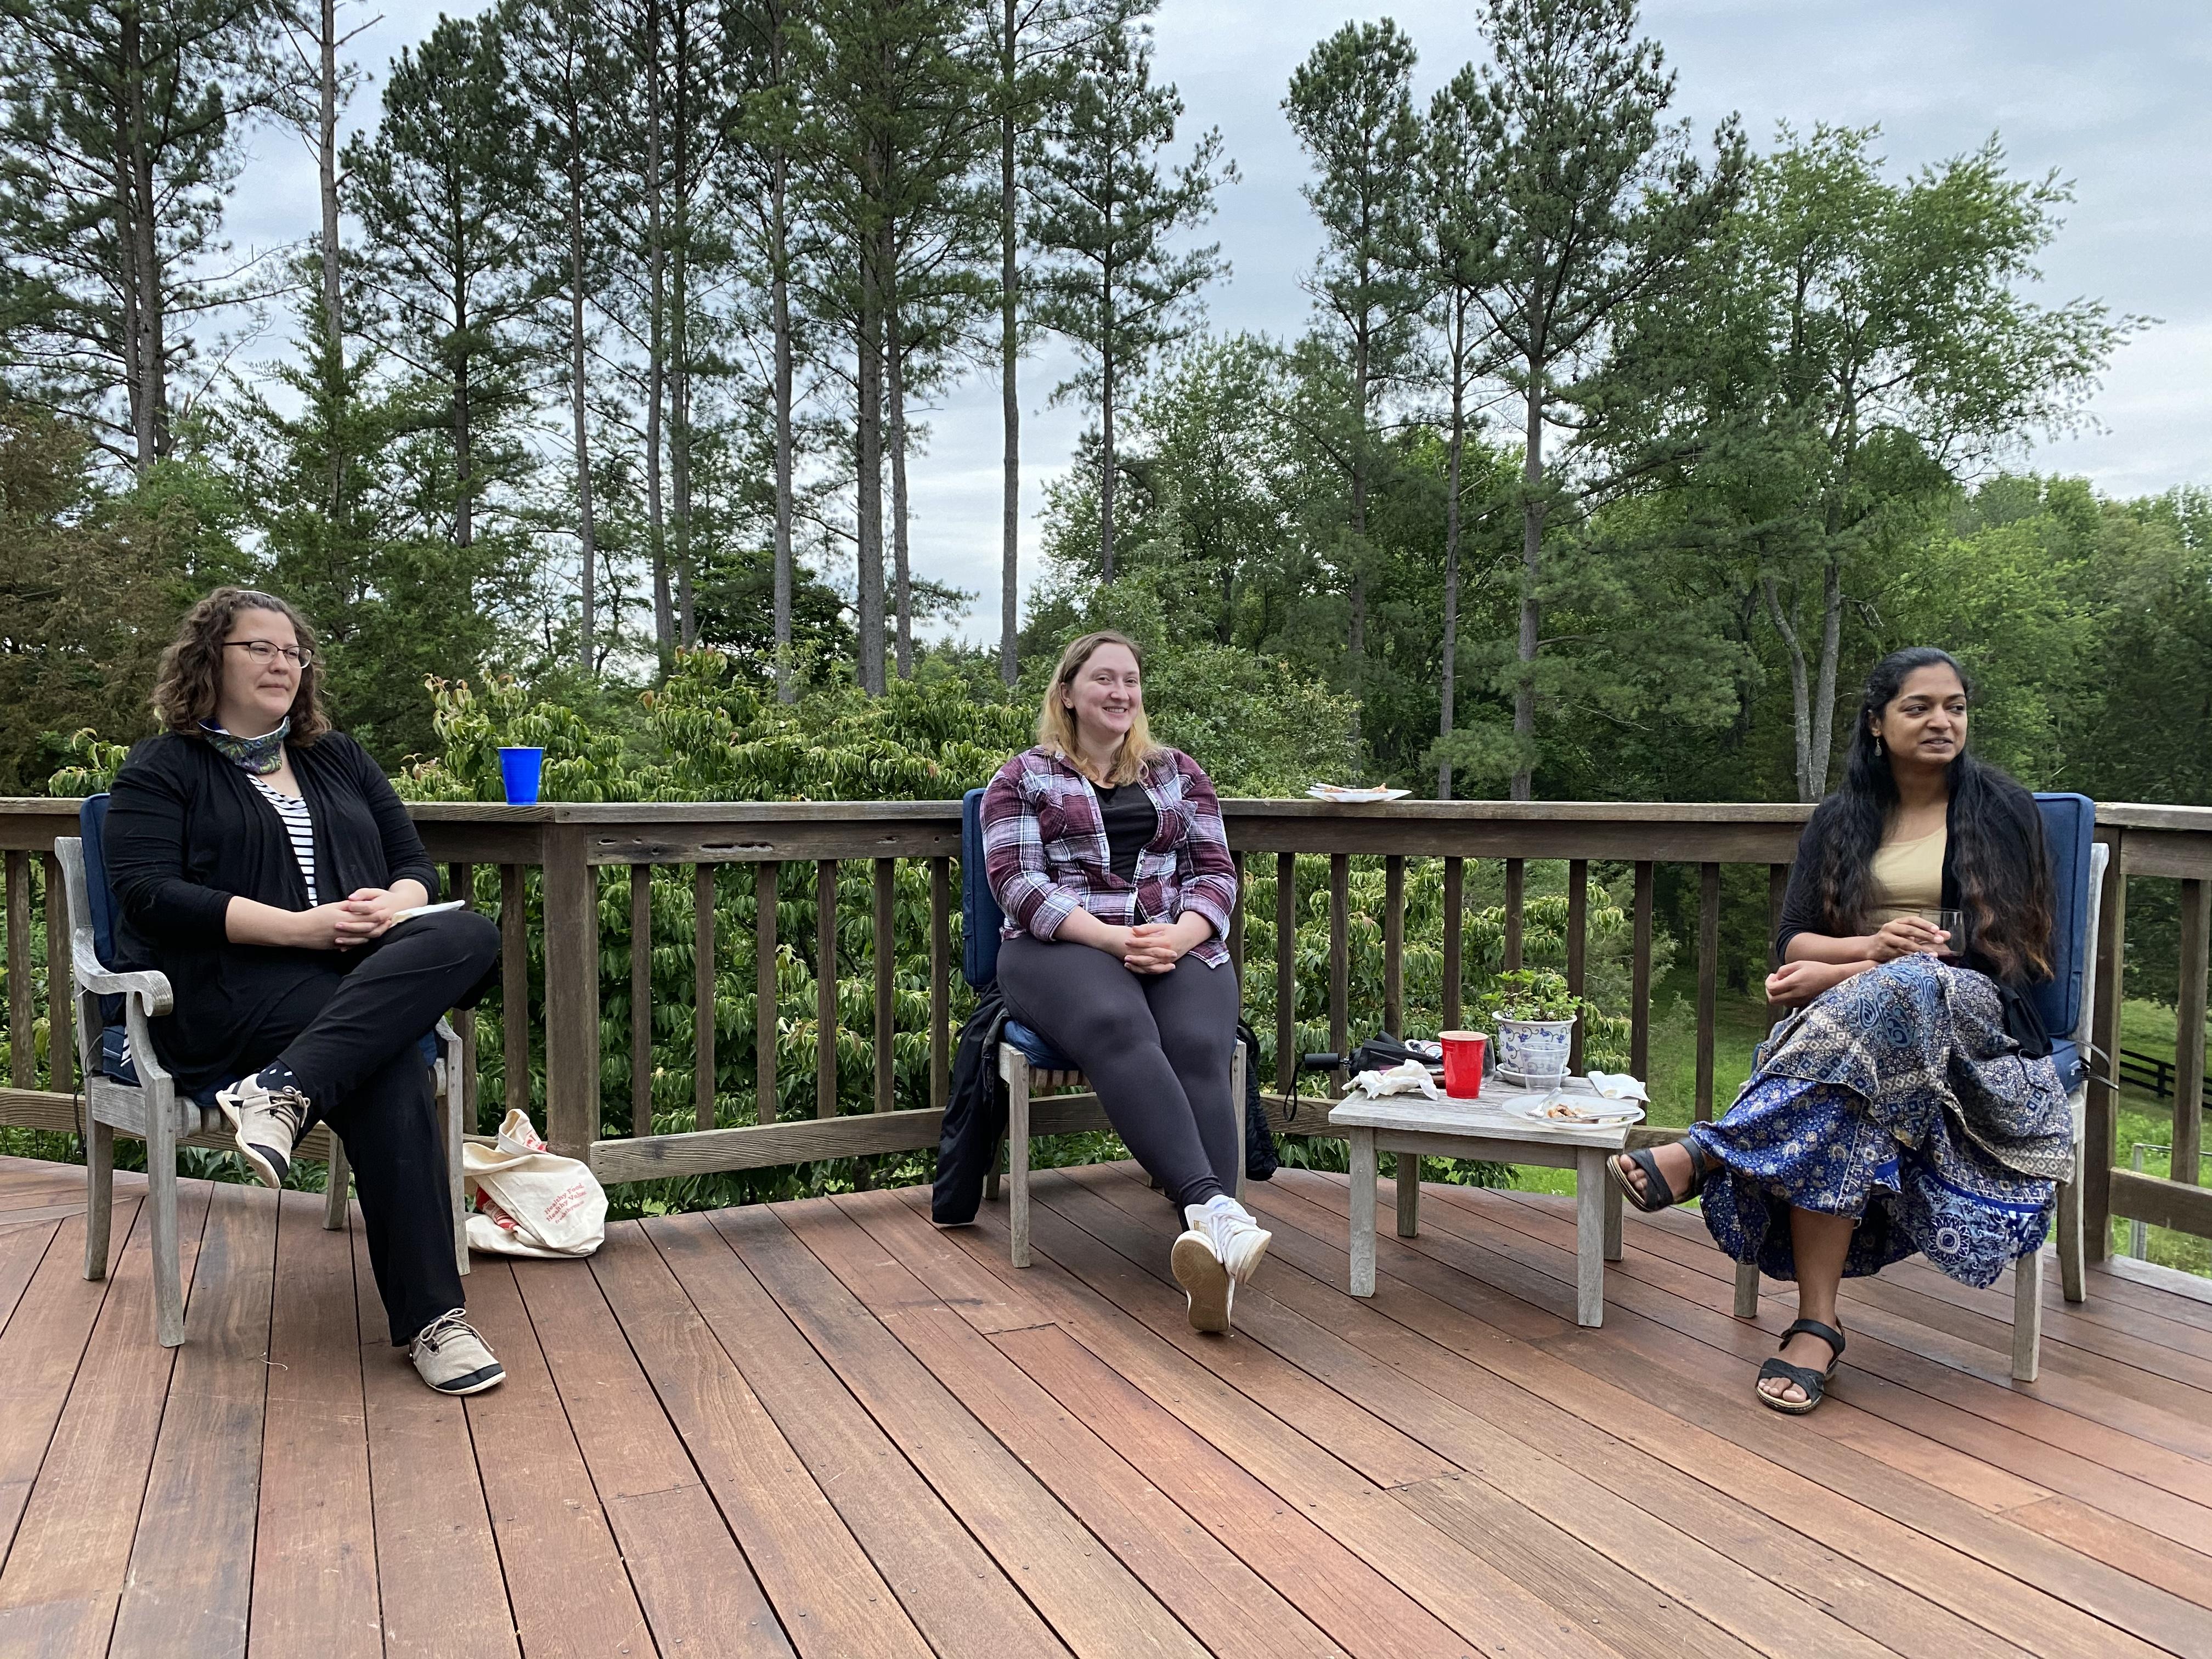 Christina, Allyson, and Abha